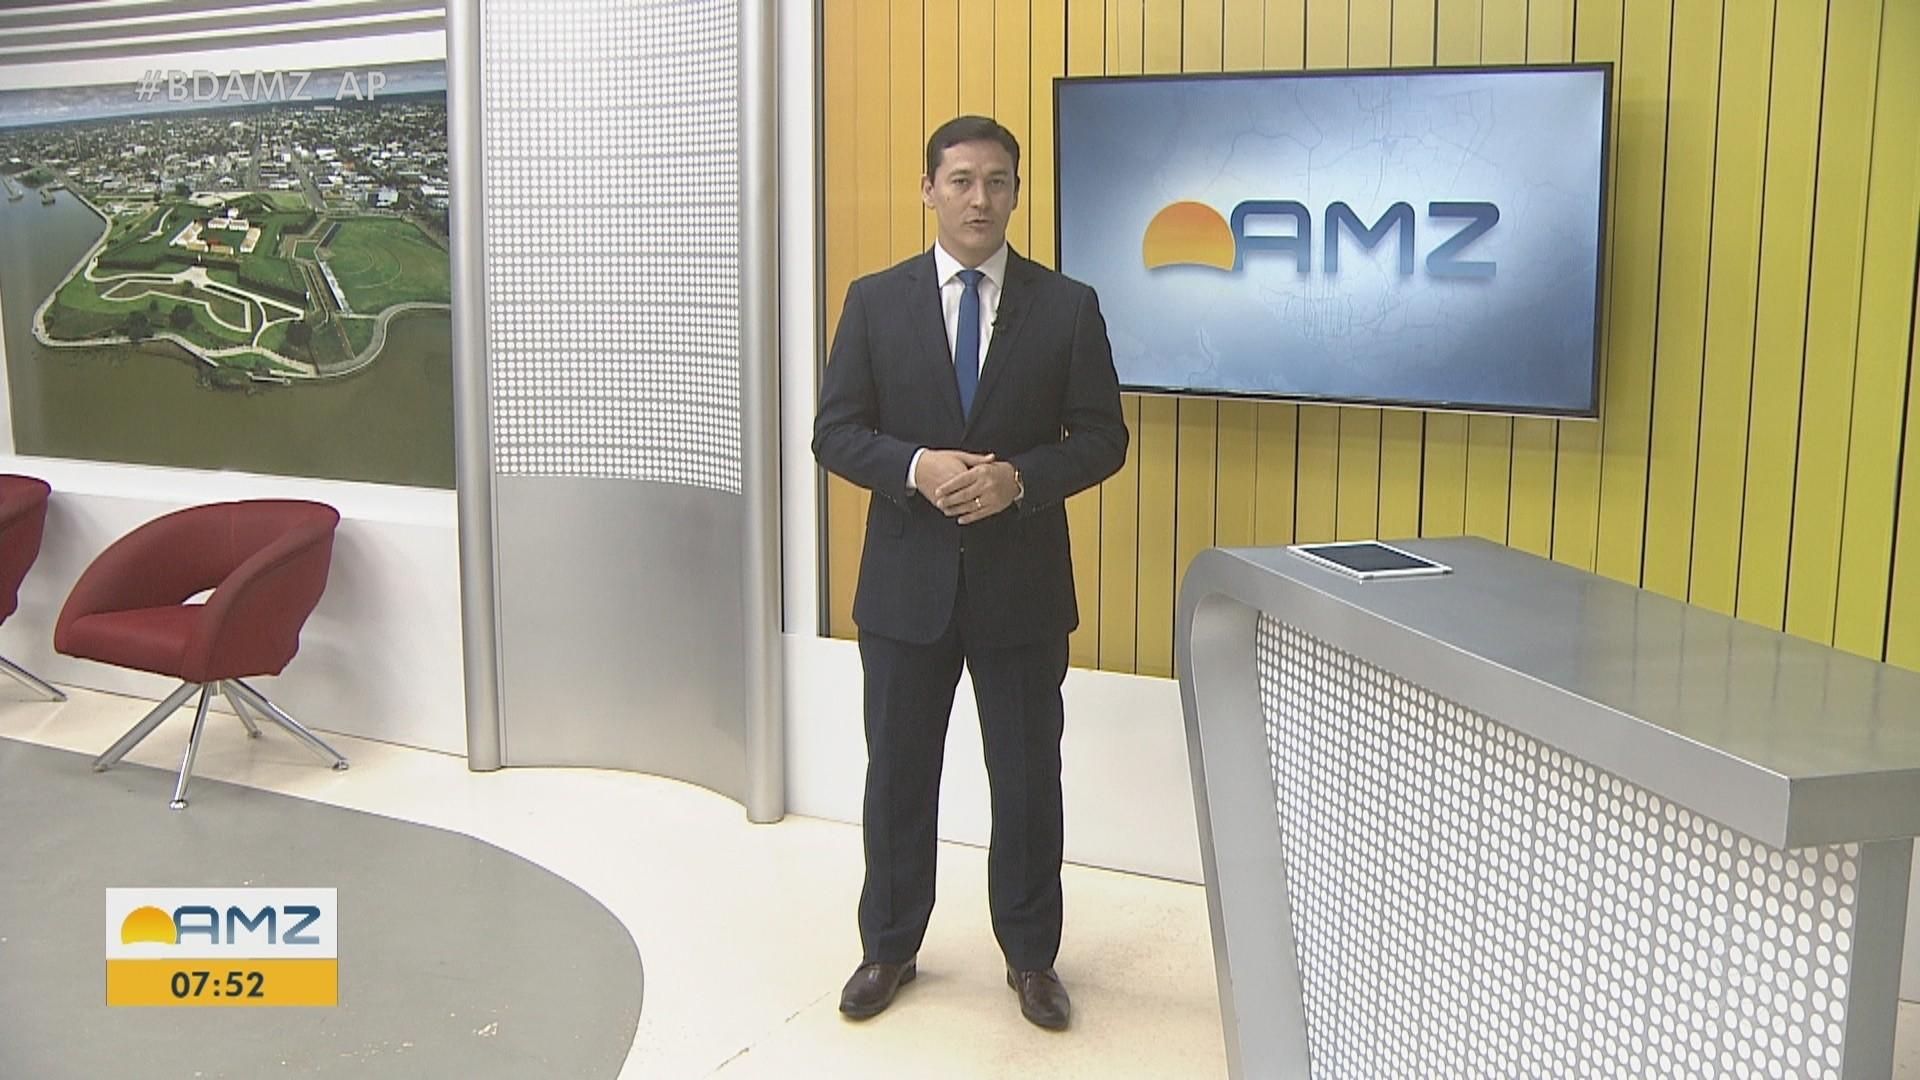 VÍDEOS: Bom Dia Amazônia - AP de segunda-feira, 11 de maio